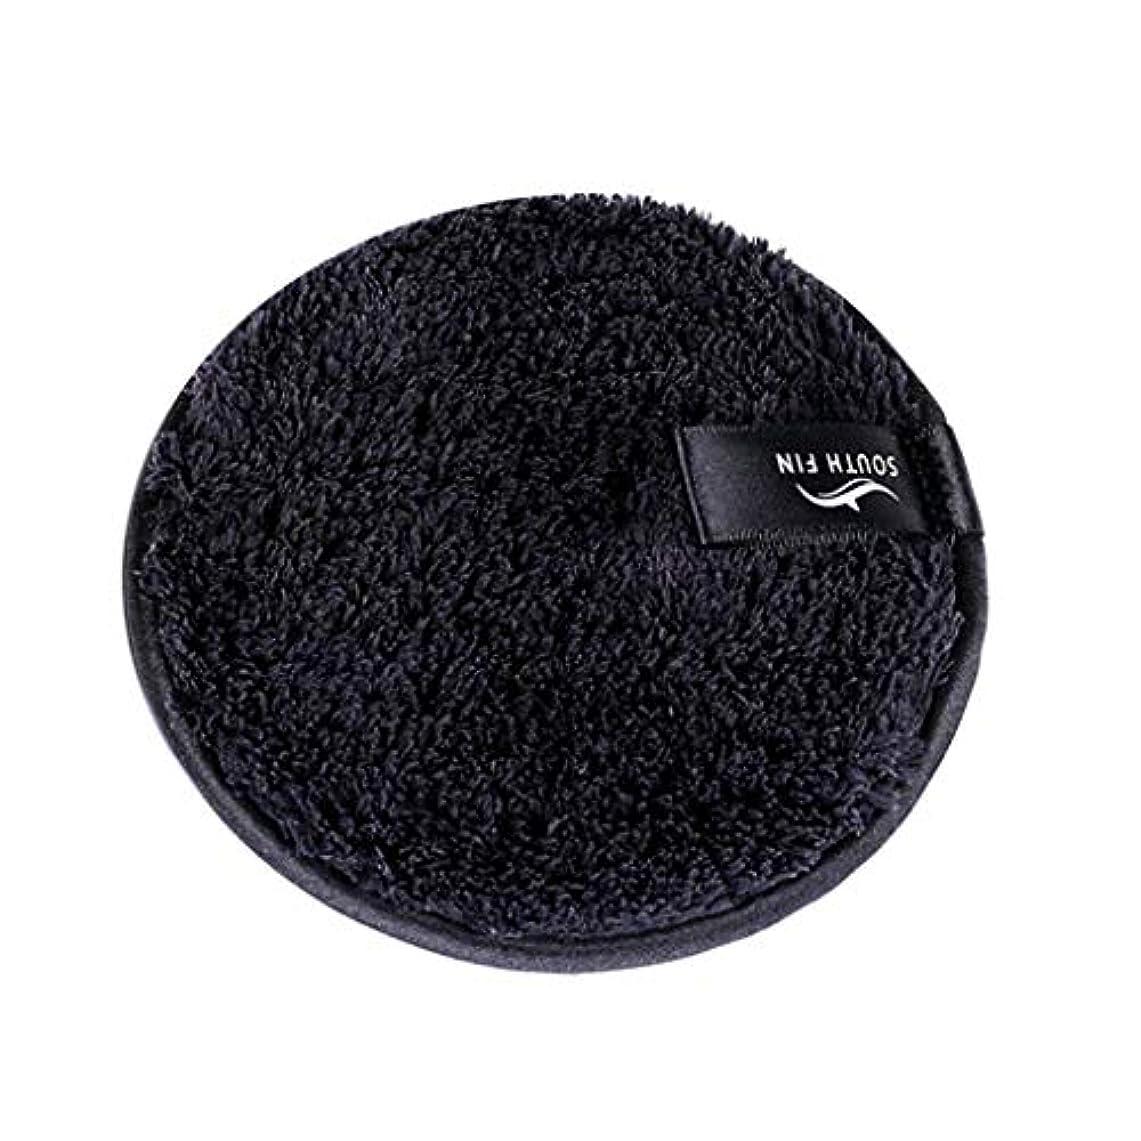 脳広々リユースメイクリムーバーパッド化粧品フェイシャルクレンジングパフスポンジ - ブラック